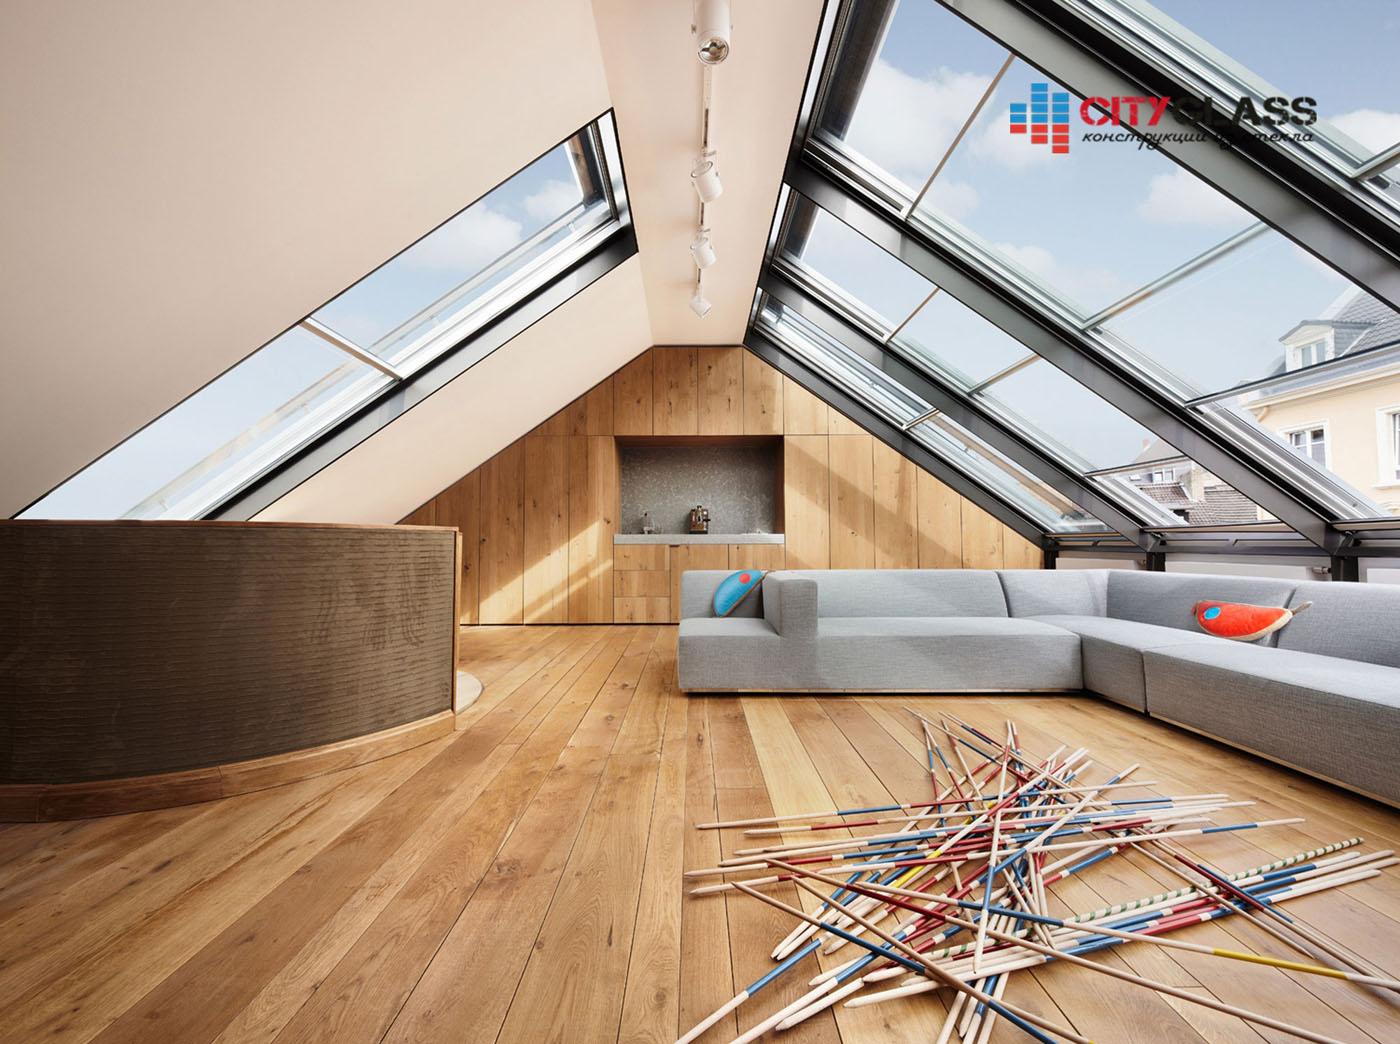 Галерея - стеклянные крыши - kz20